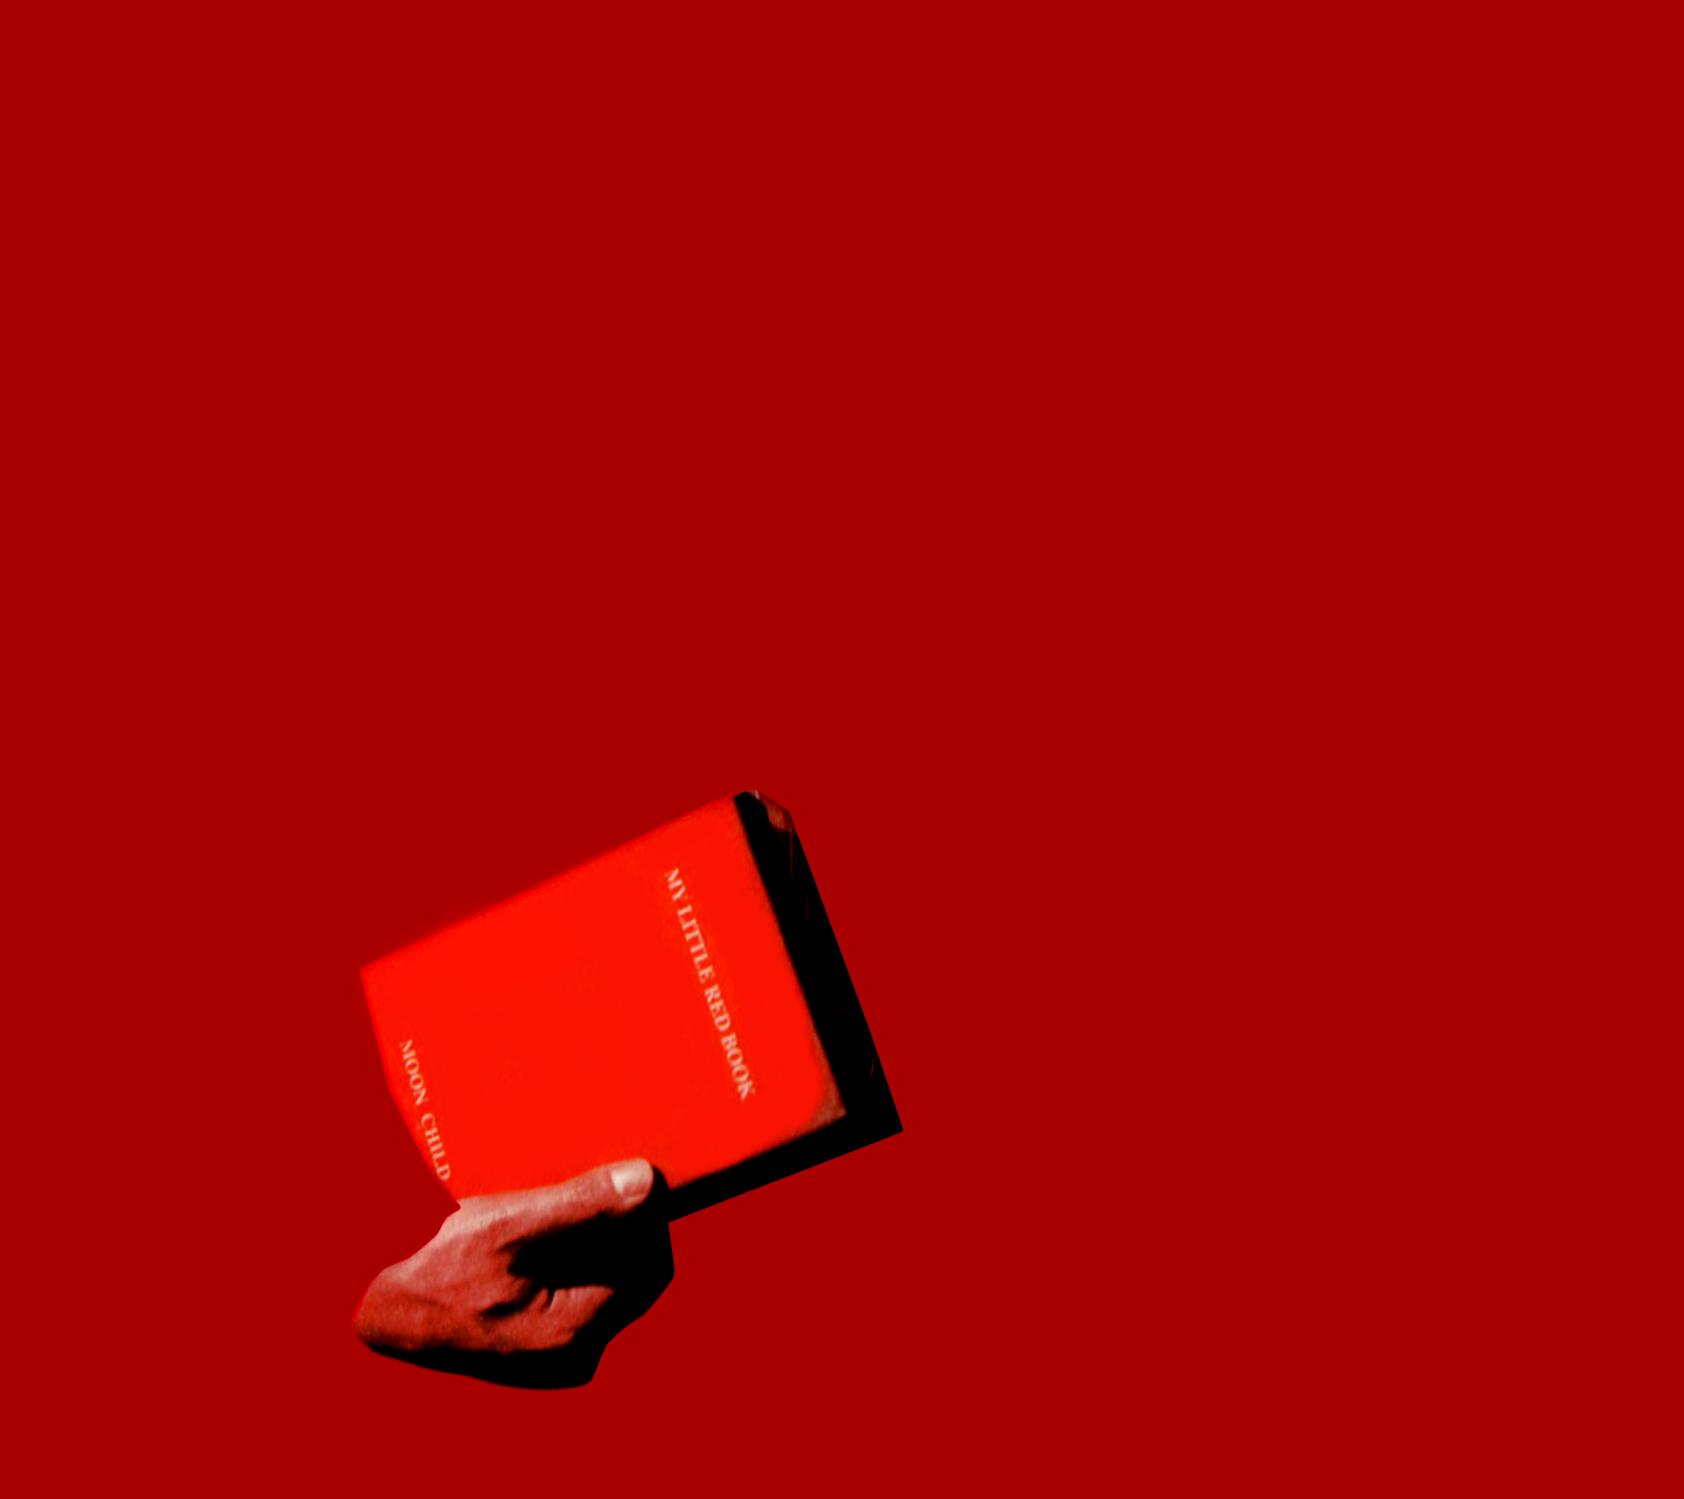 MOON CHILD (ムーンチャイルド) 2ndアルバム『MY LITTLE RED BOOK (マイ・リトル・レッド・ブック)』(初回限定盤)高画質CDジャケット画像